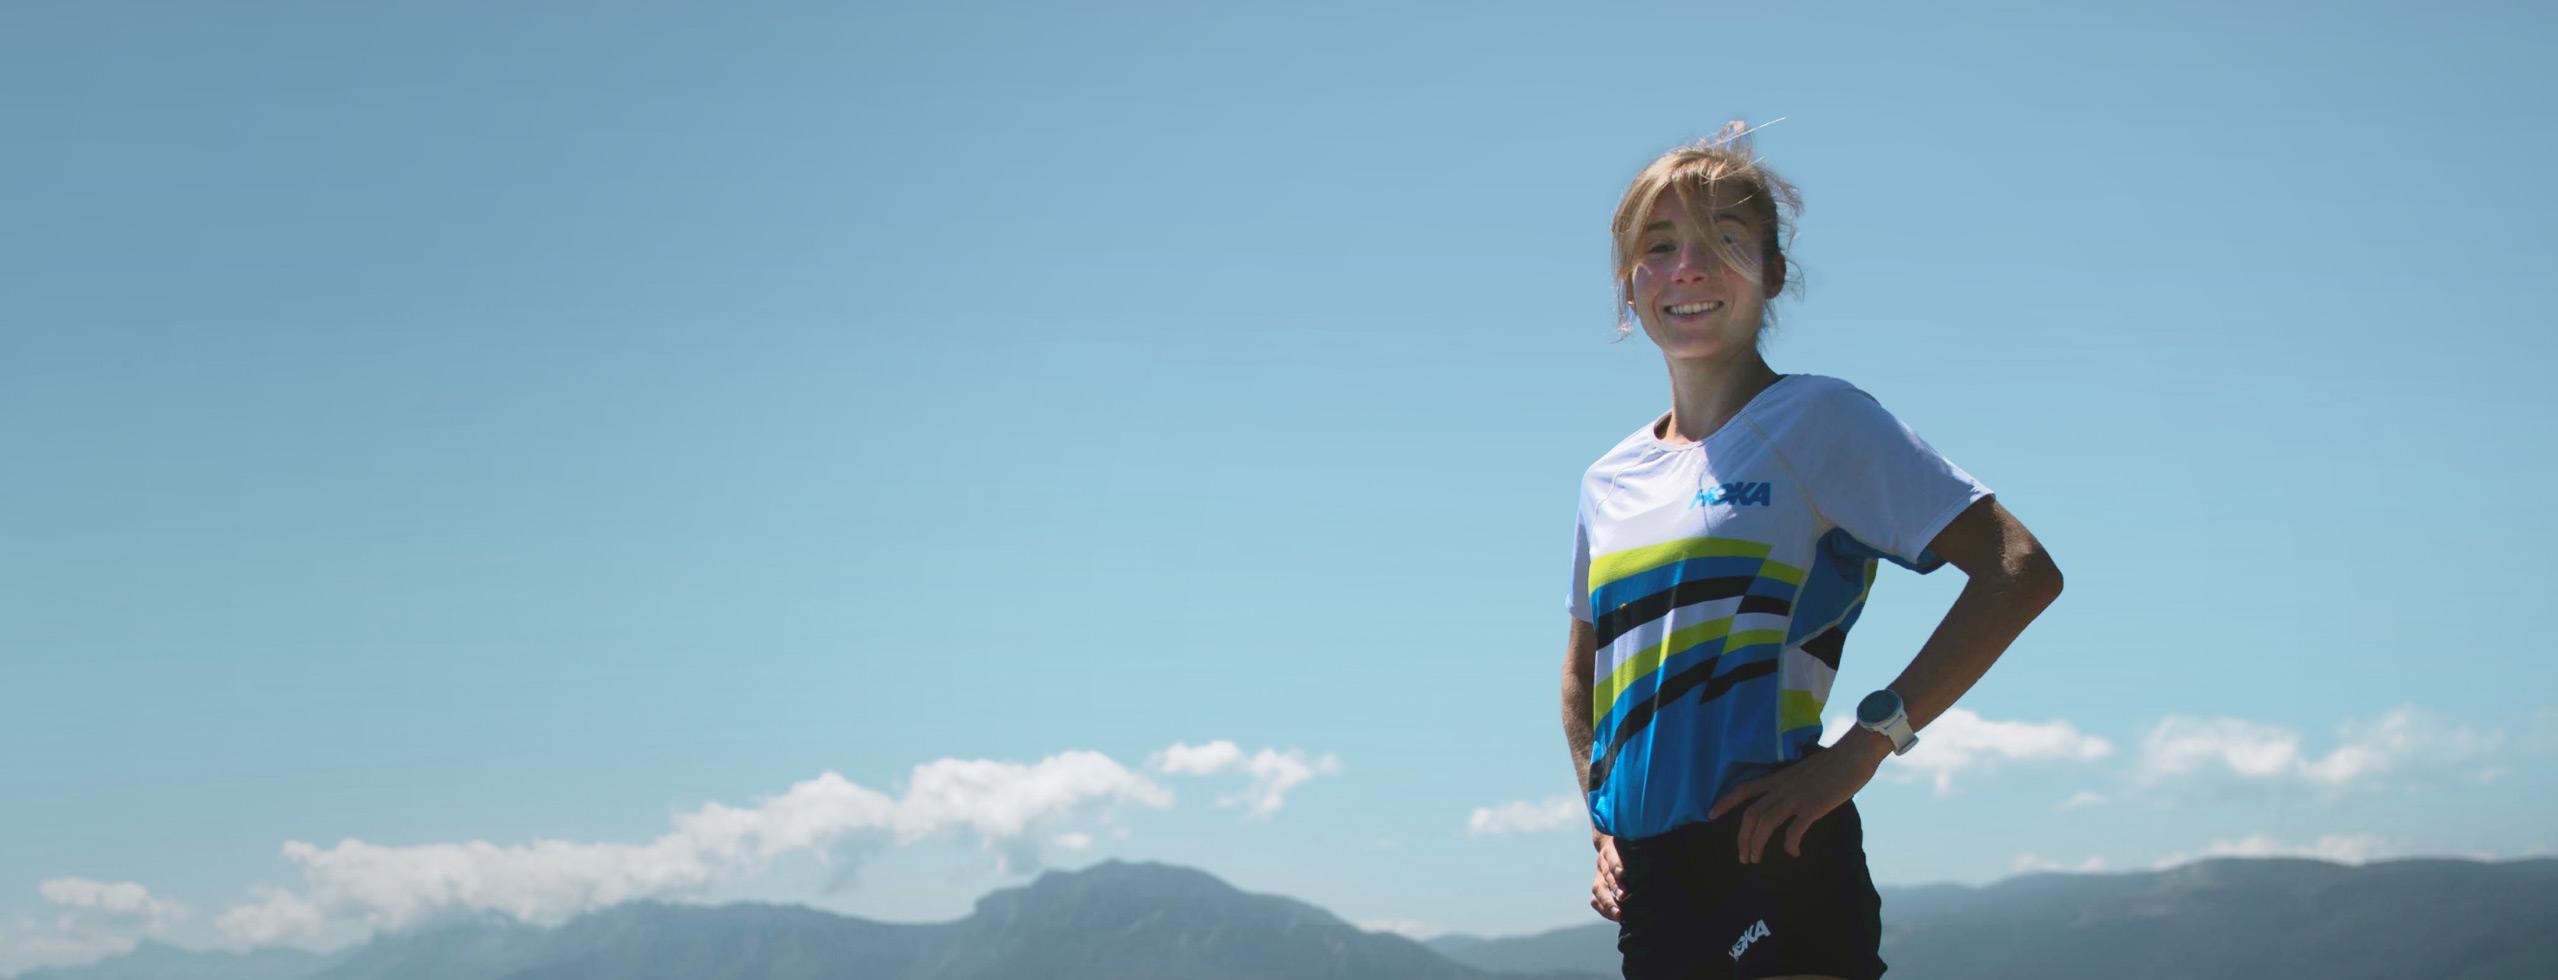 Mathilde Sagnes smiling wearing HOKA